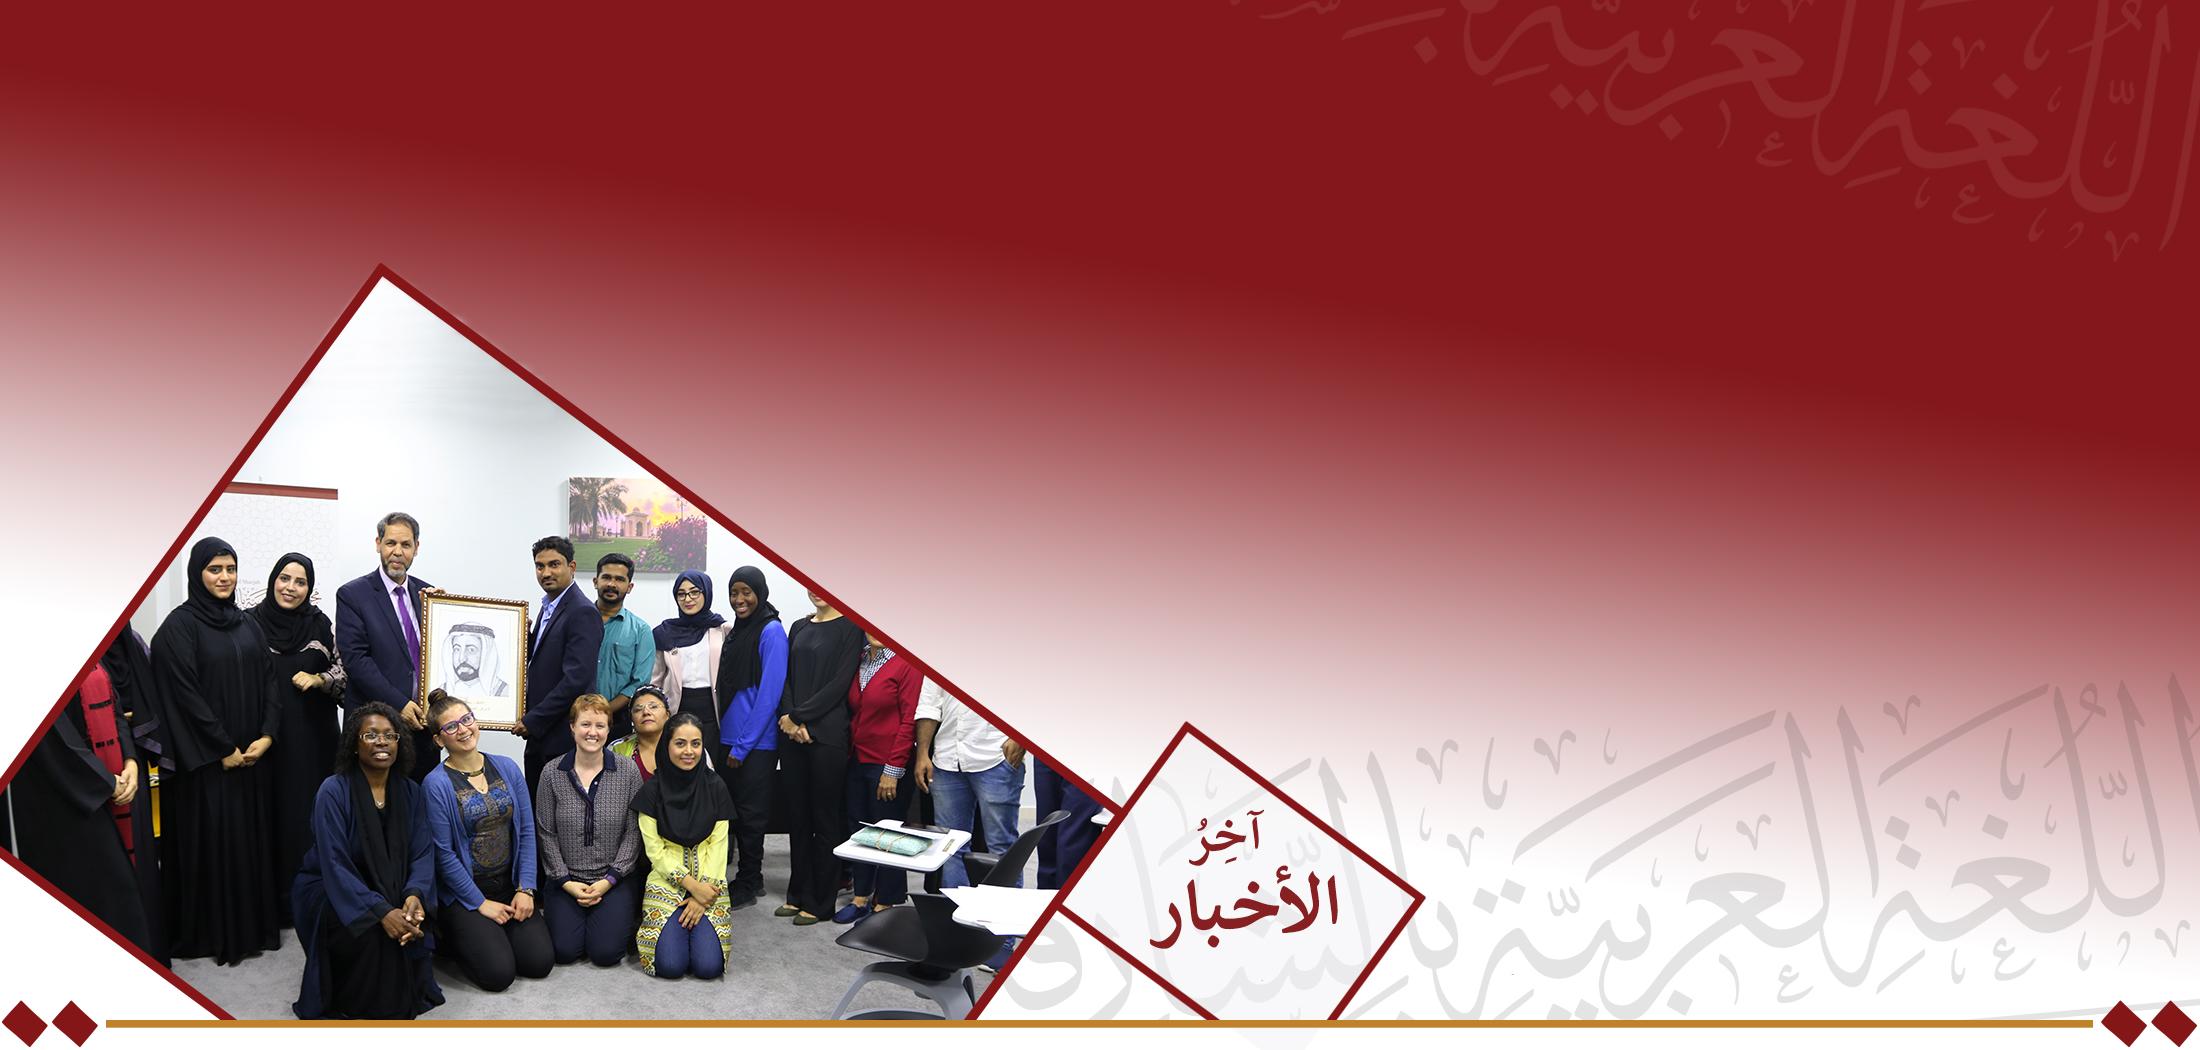 مركز اللّسان العربي يختتم دورته الثانية-أخبار